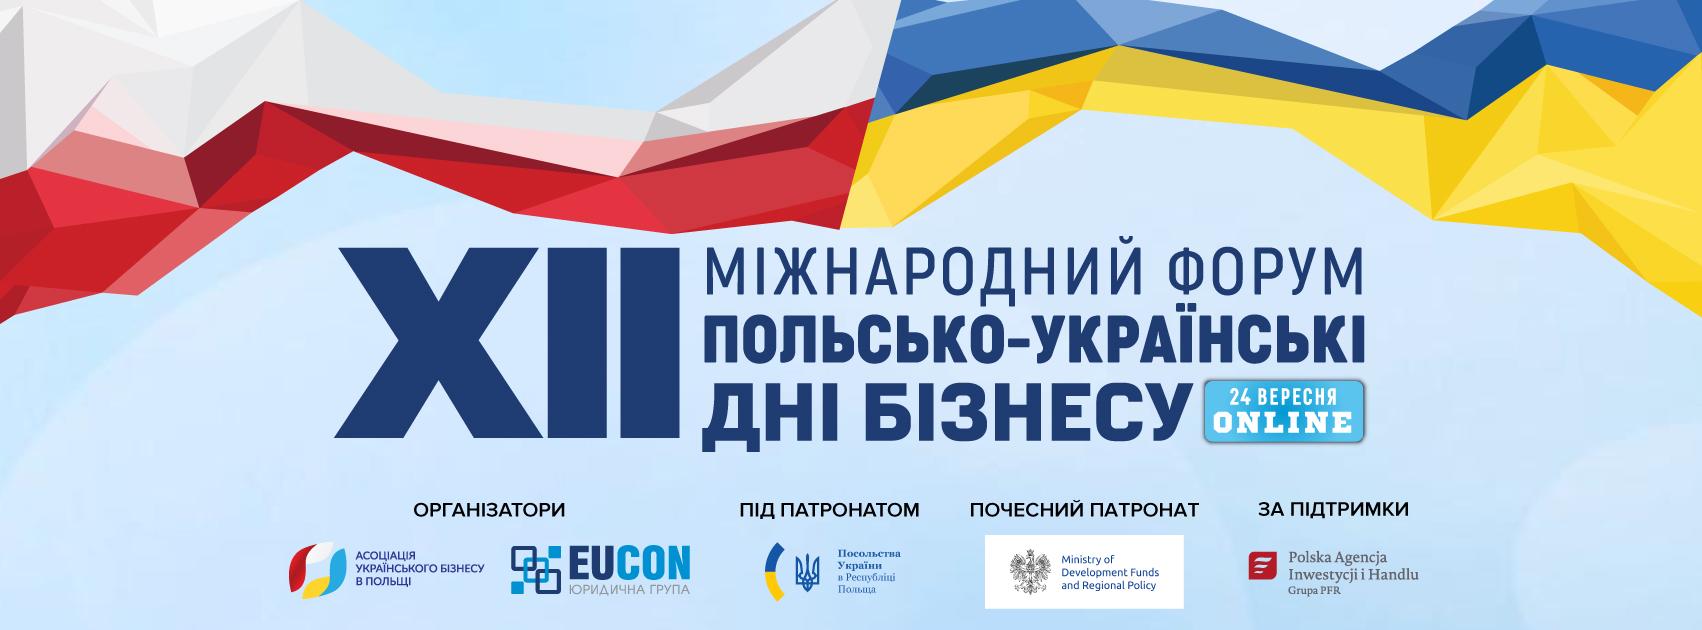 XII Міжнародний форум «Польсько-українські дні бізнесу»